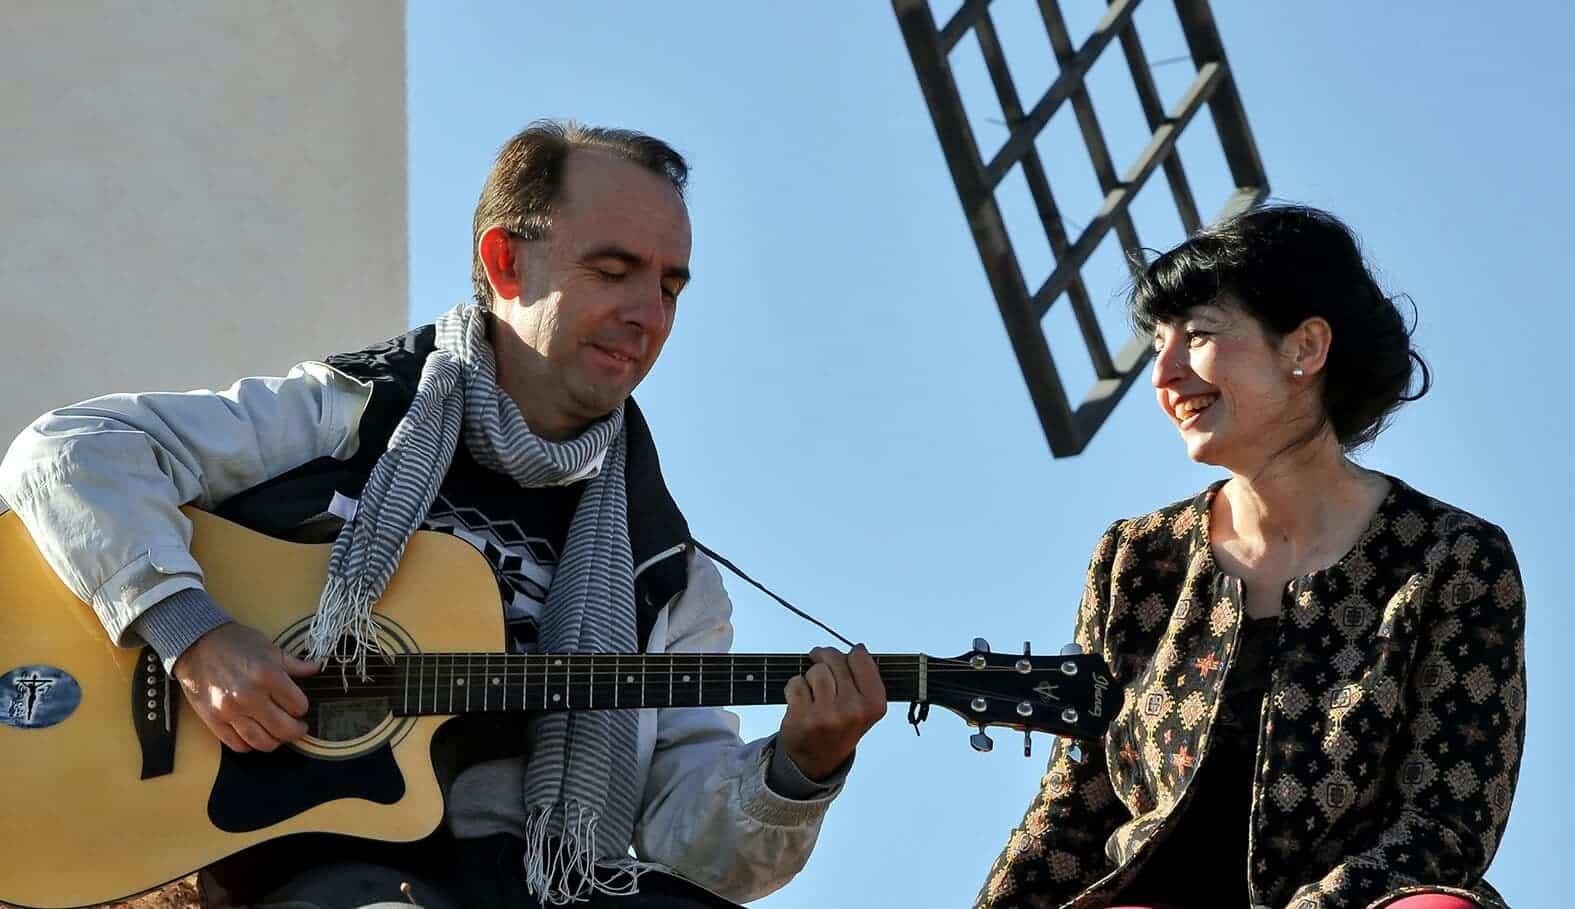 Concierto de Cis Adar en Santa Cruz de Mudela próximo 28 de octubre 3